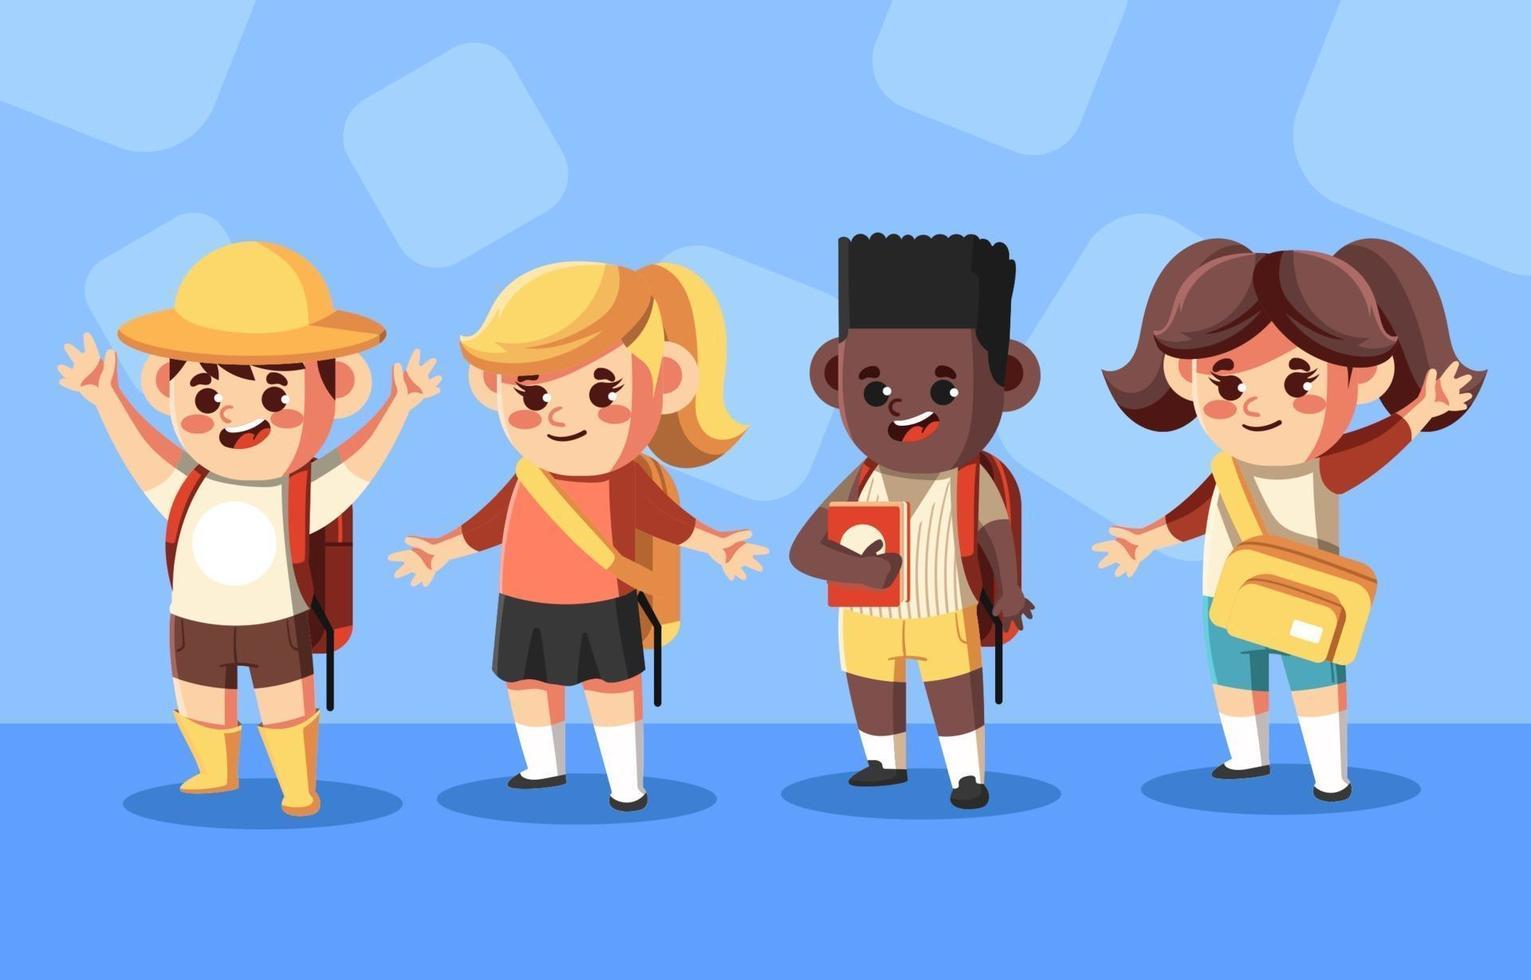 vier schattige kinderen karakter gaan naar school vector